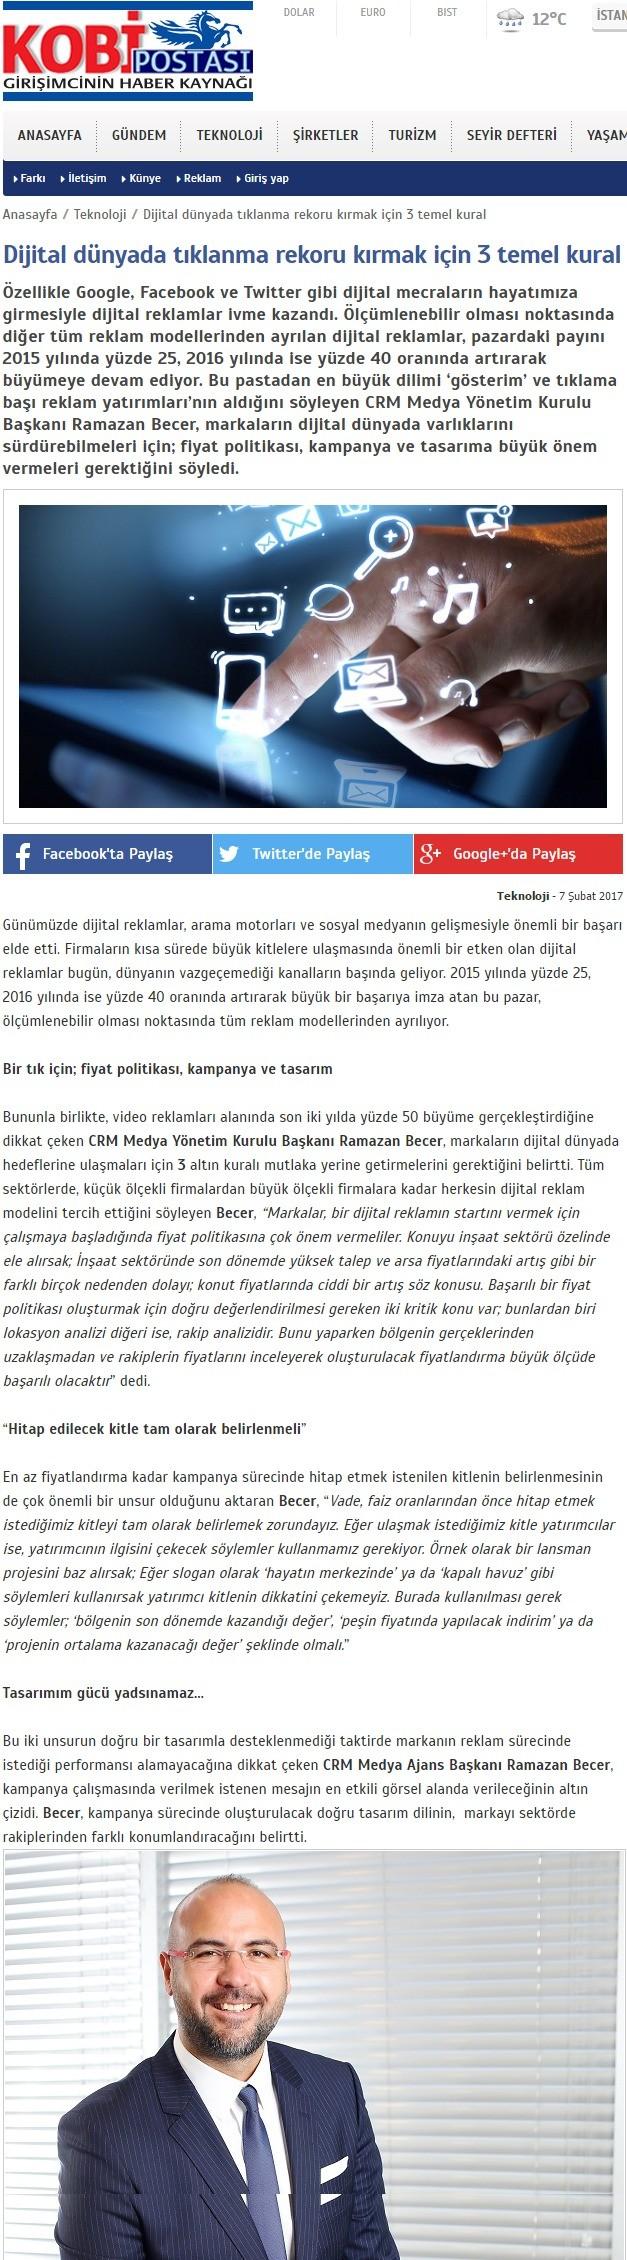 kobipostasi.net